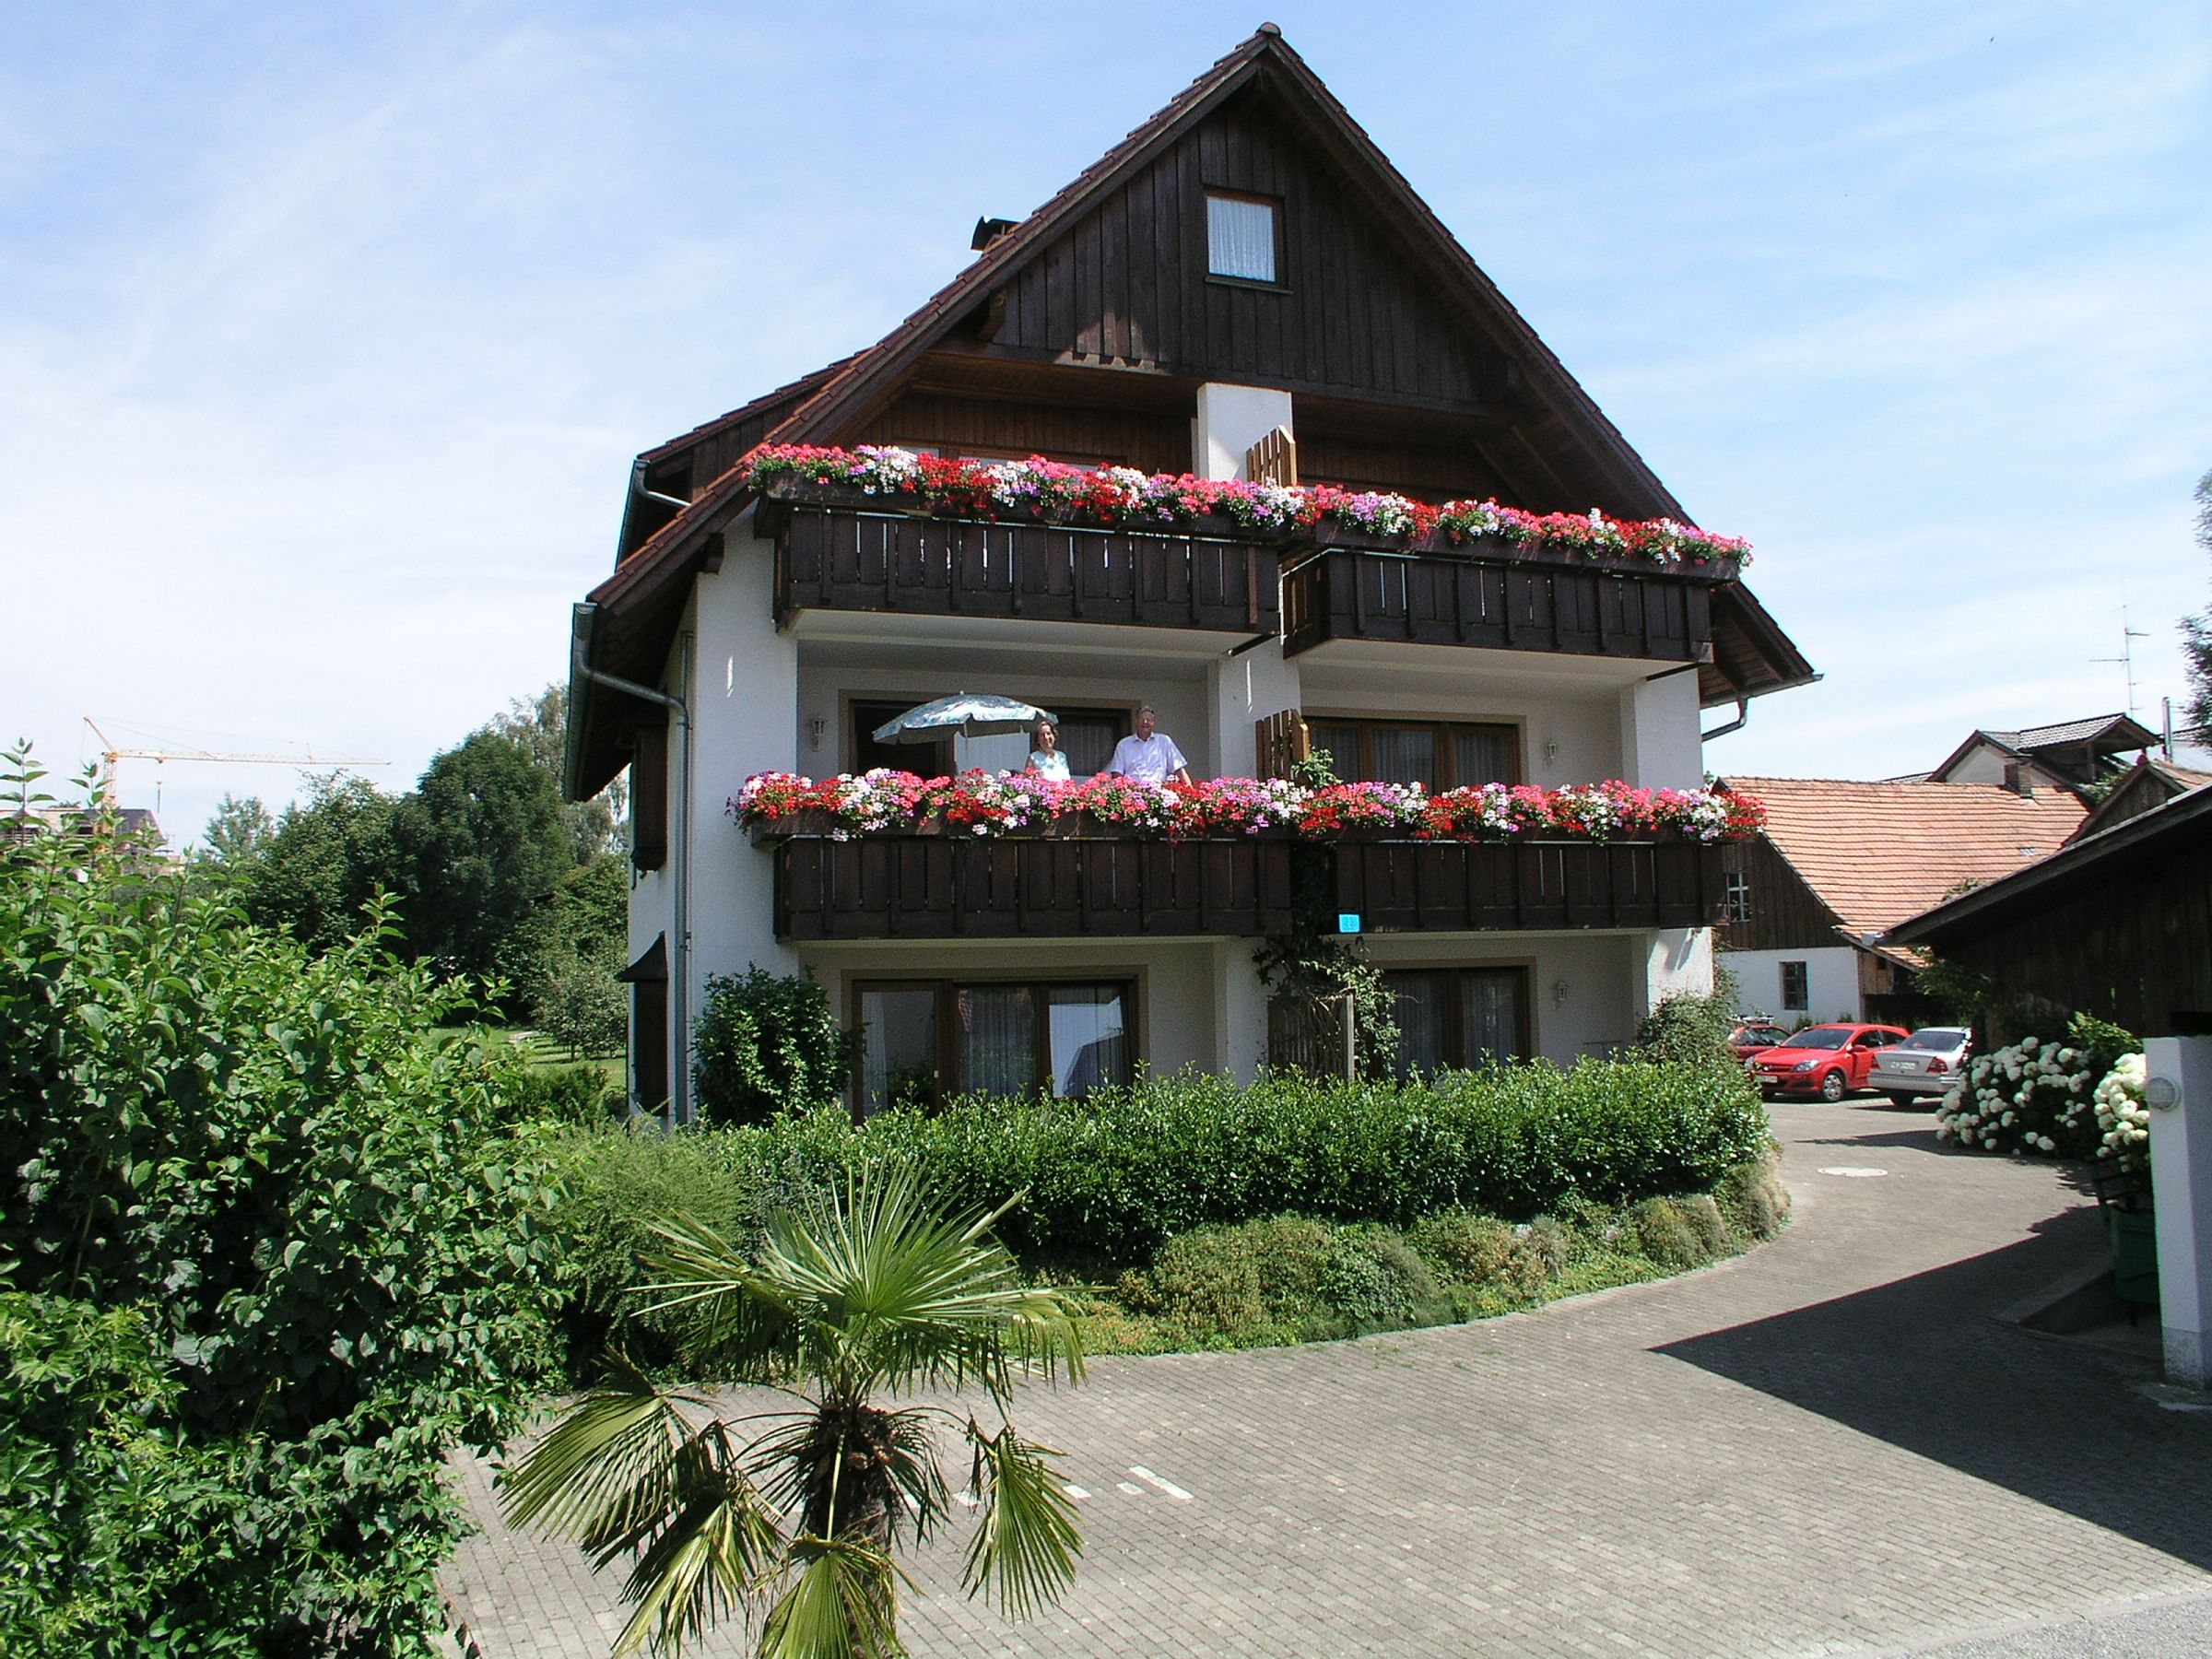 Gästehaus Gutensohn, (Wasserburg (Bodensee)). Ferienwohnung am Bodensee